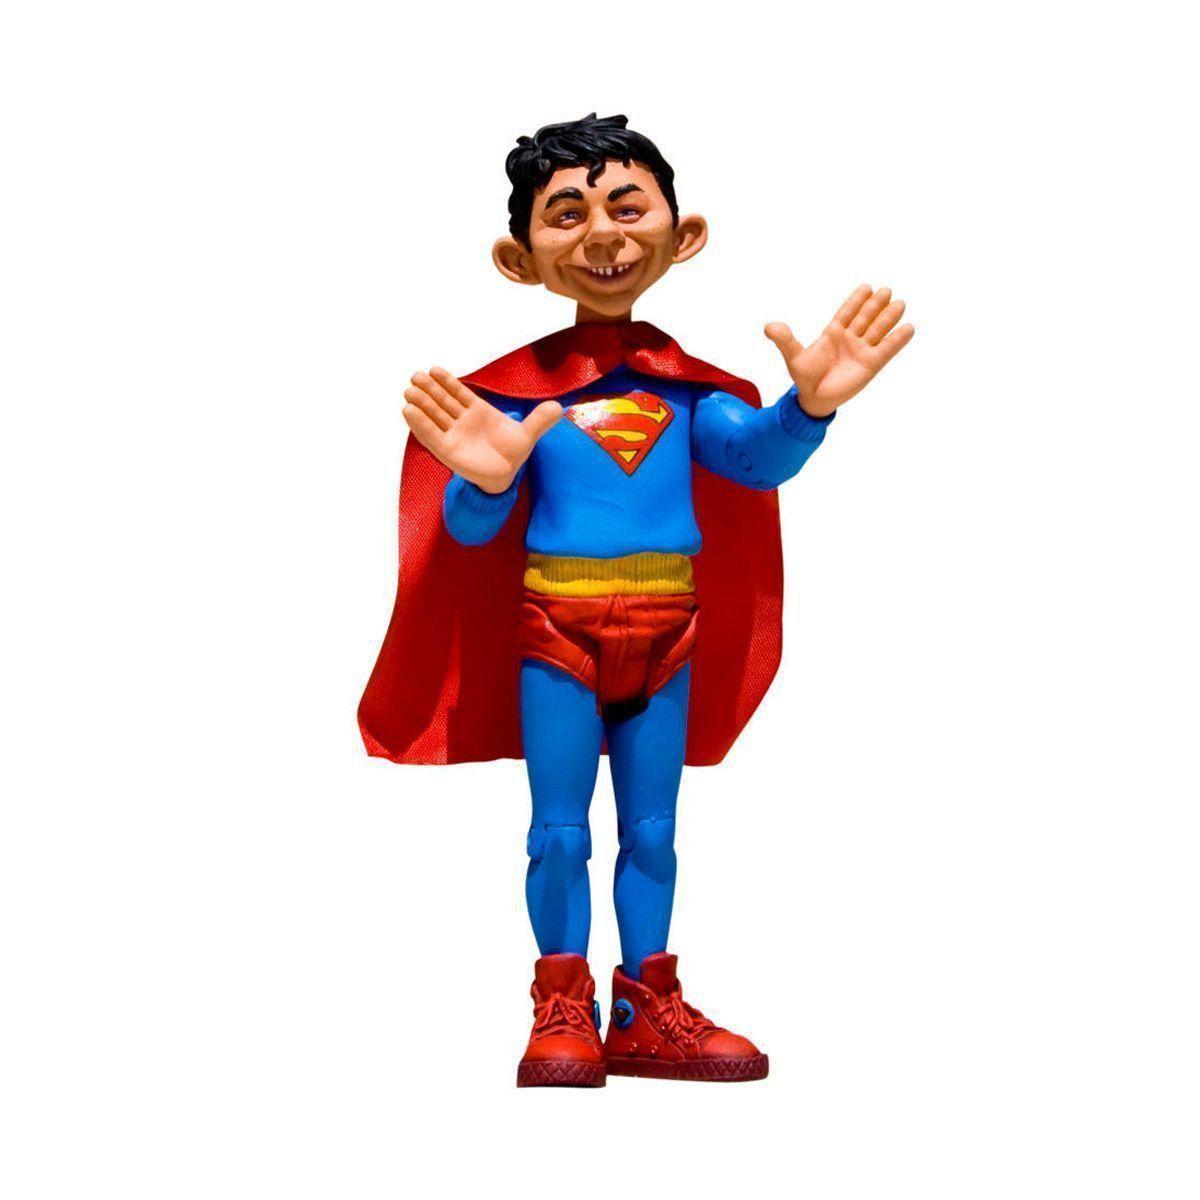 Boneco (Action Figure) MAD Just-Us League Superman